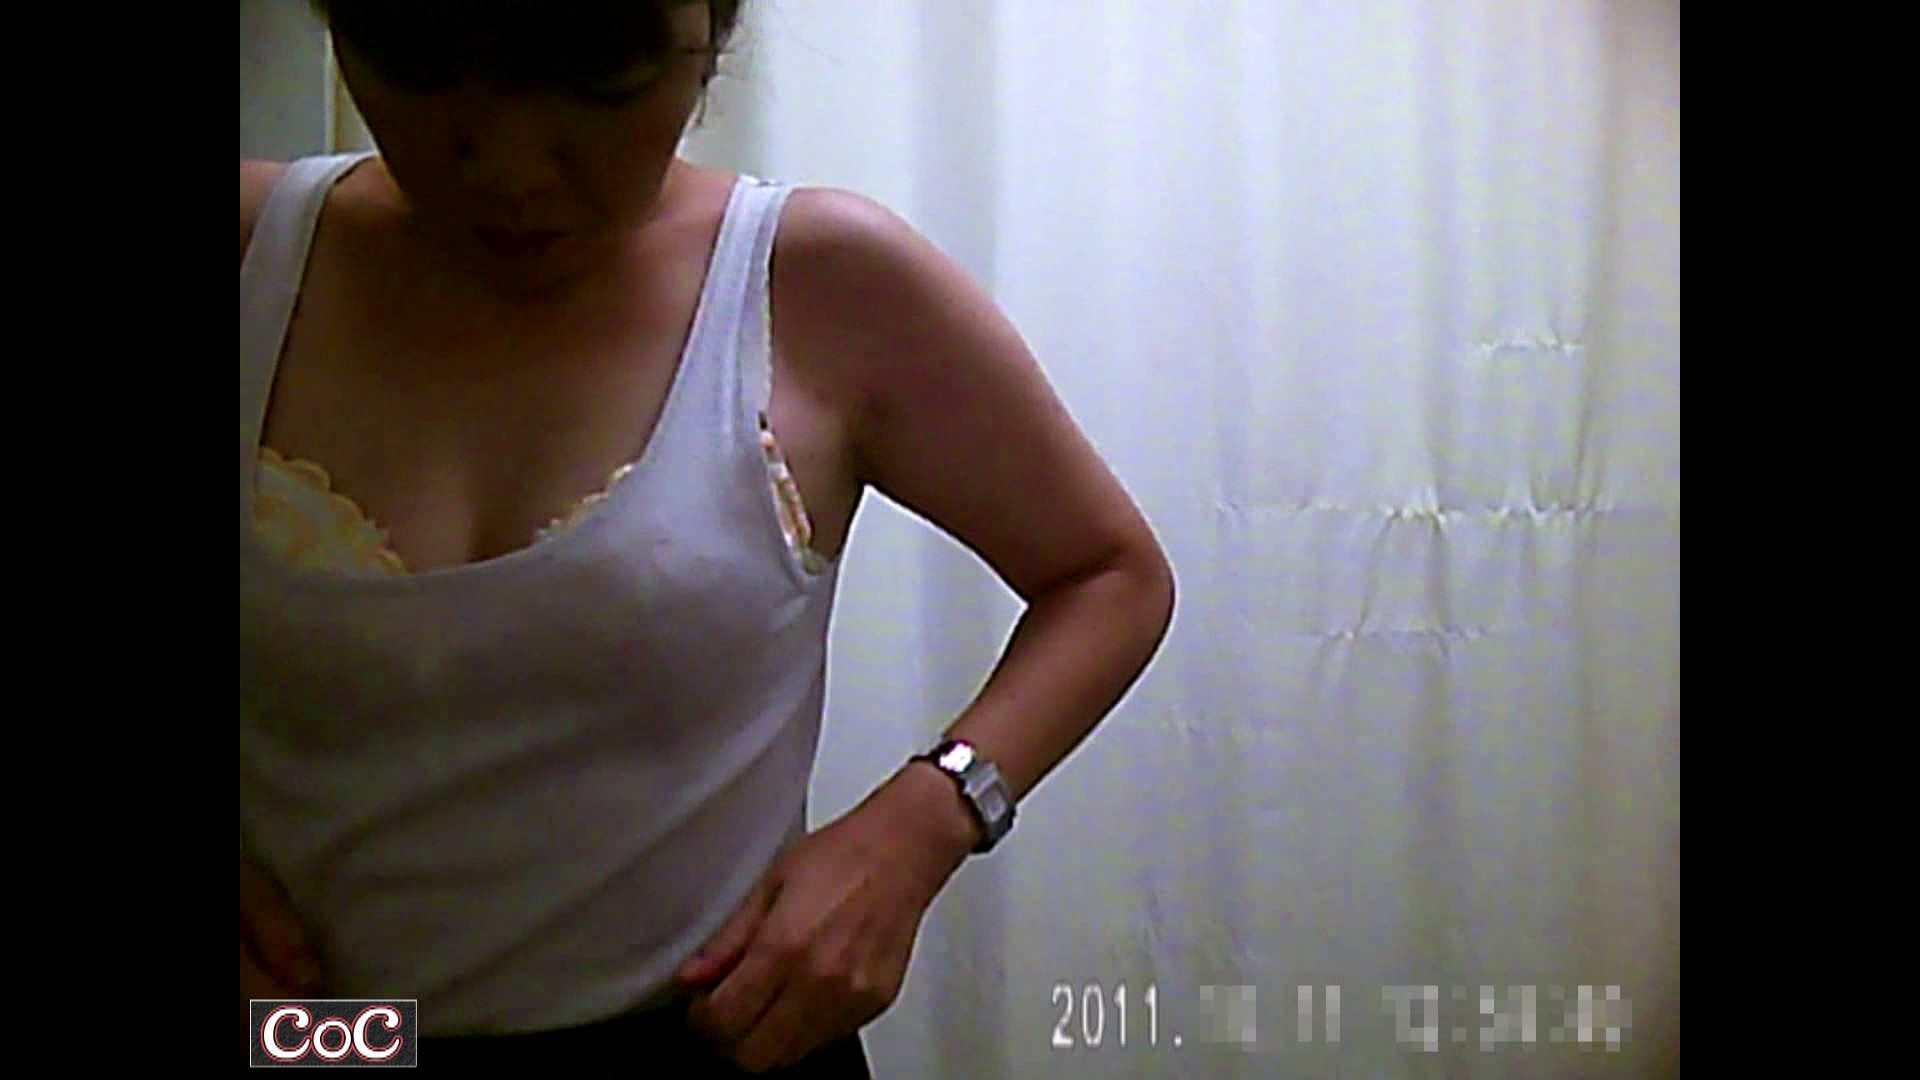 元医者による反抗 更衣室地獄絵巻 vol.242 OLの実態 | 0  102pic 39